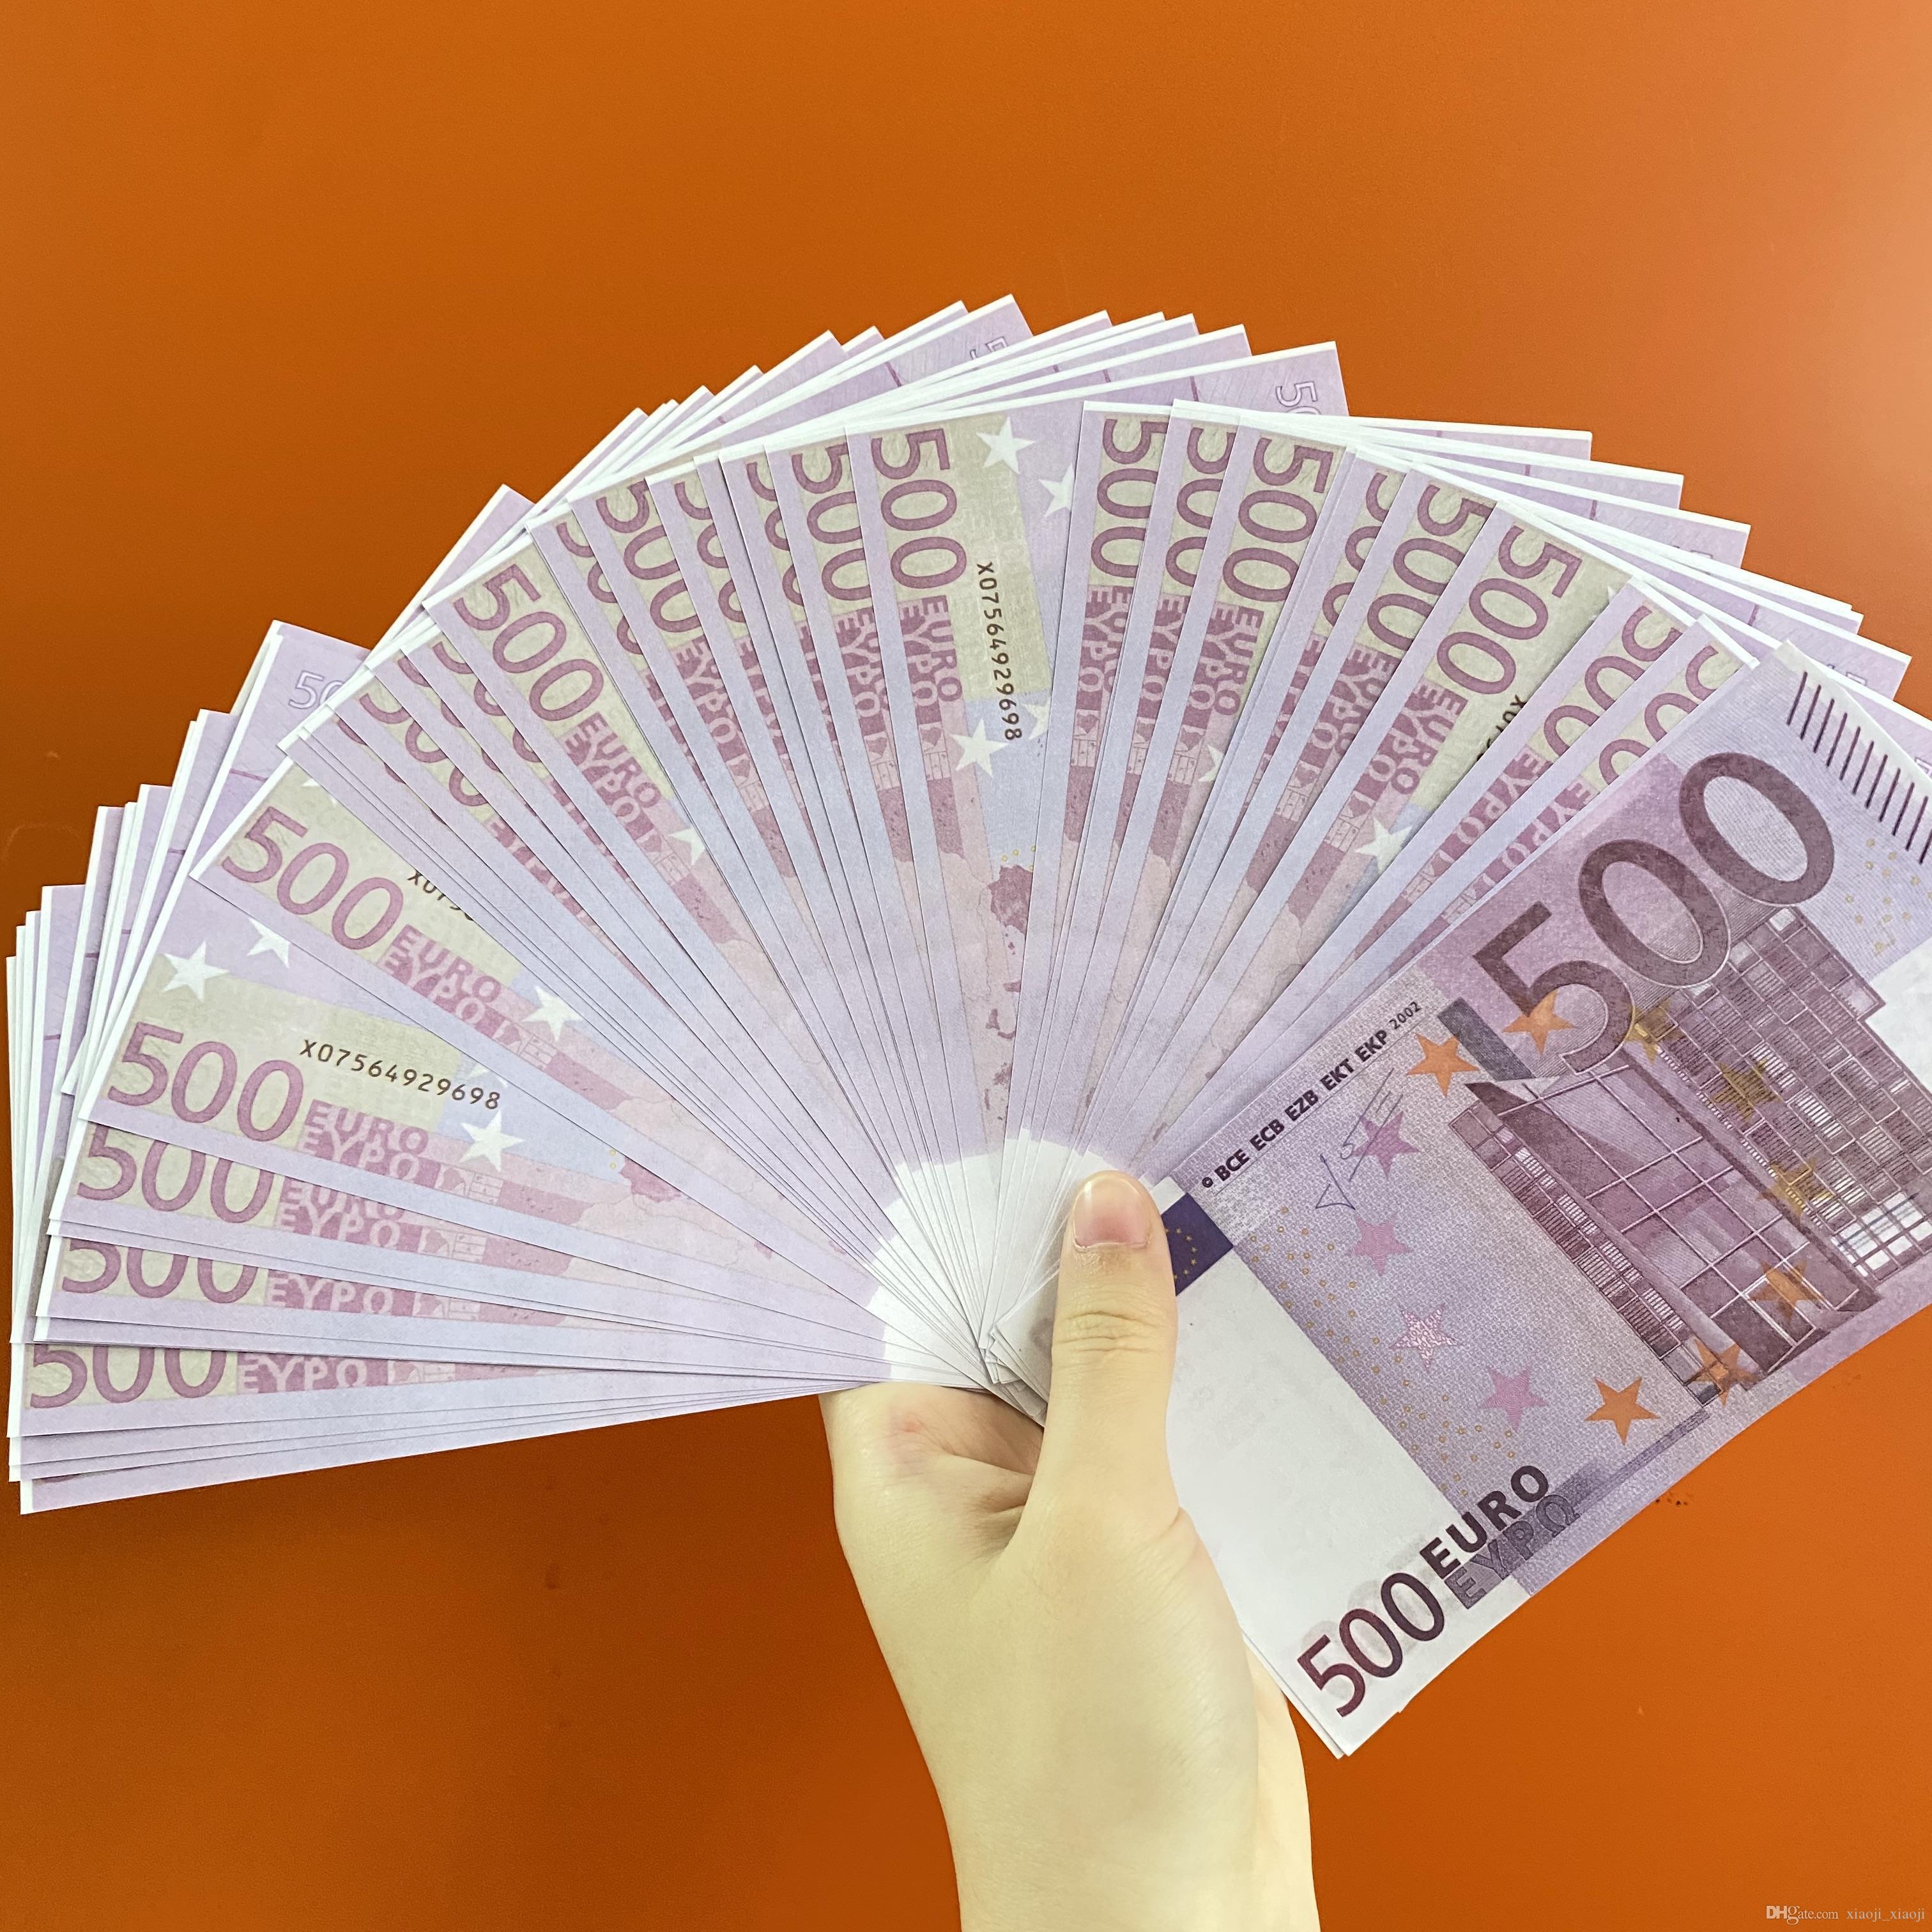 Бар бара и фильма евро поддельные 500 игрушечные игрушечные деньги монета телевизионная стрельба реквизит практика монета банкнота TOKEN048 PROP AHSRL